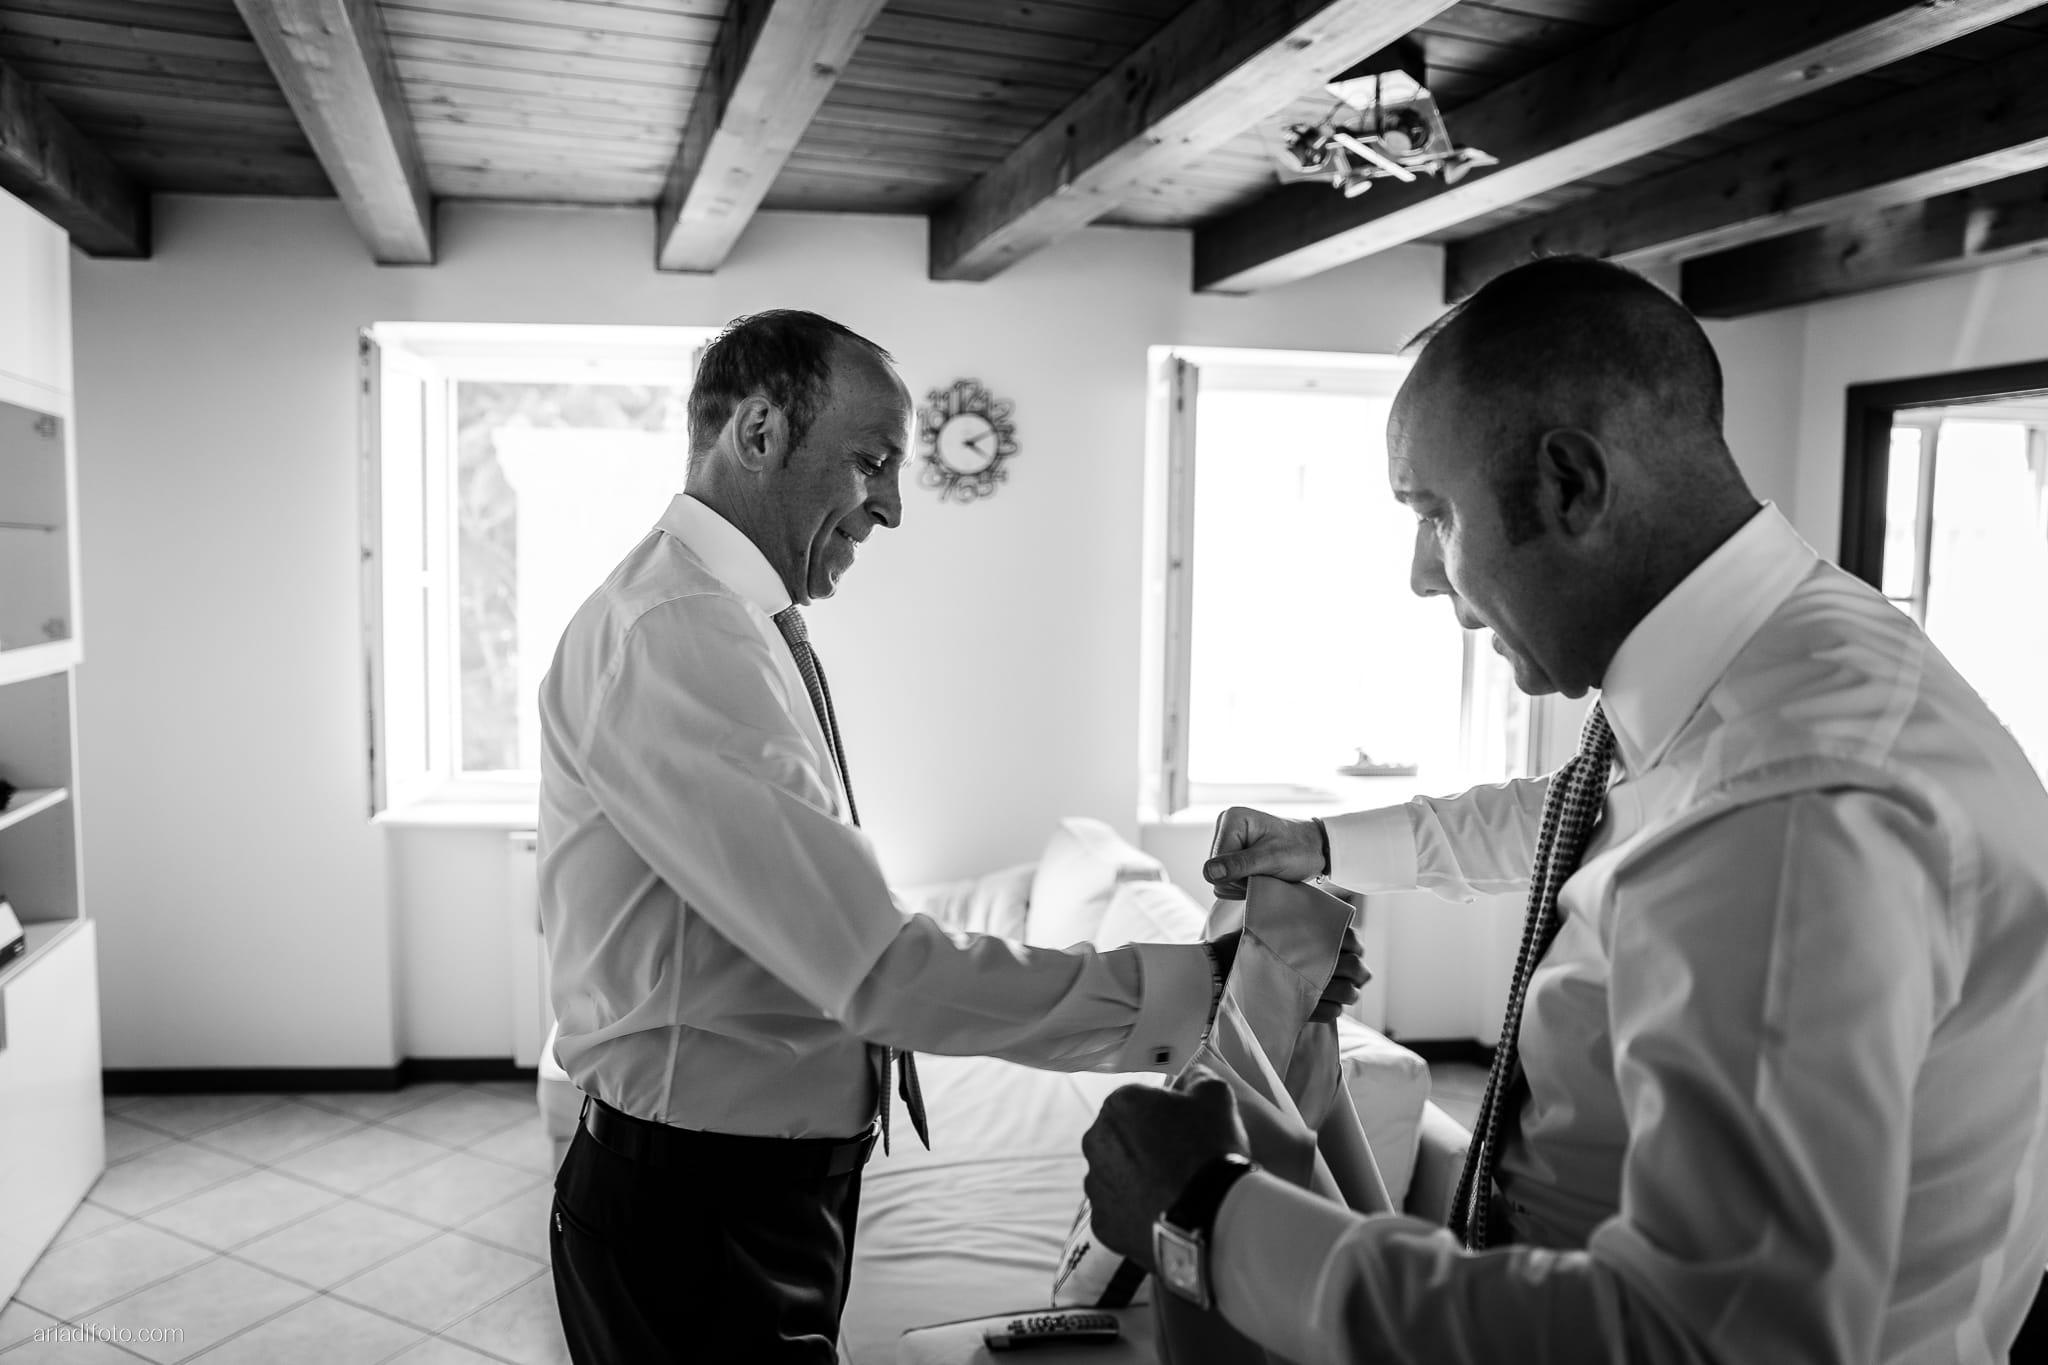 Anna Paolo Matrimonio Santa Maria Maggiore Hotel Riviera Trieste preparazione sposo